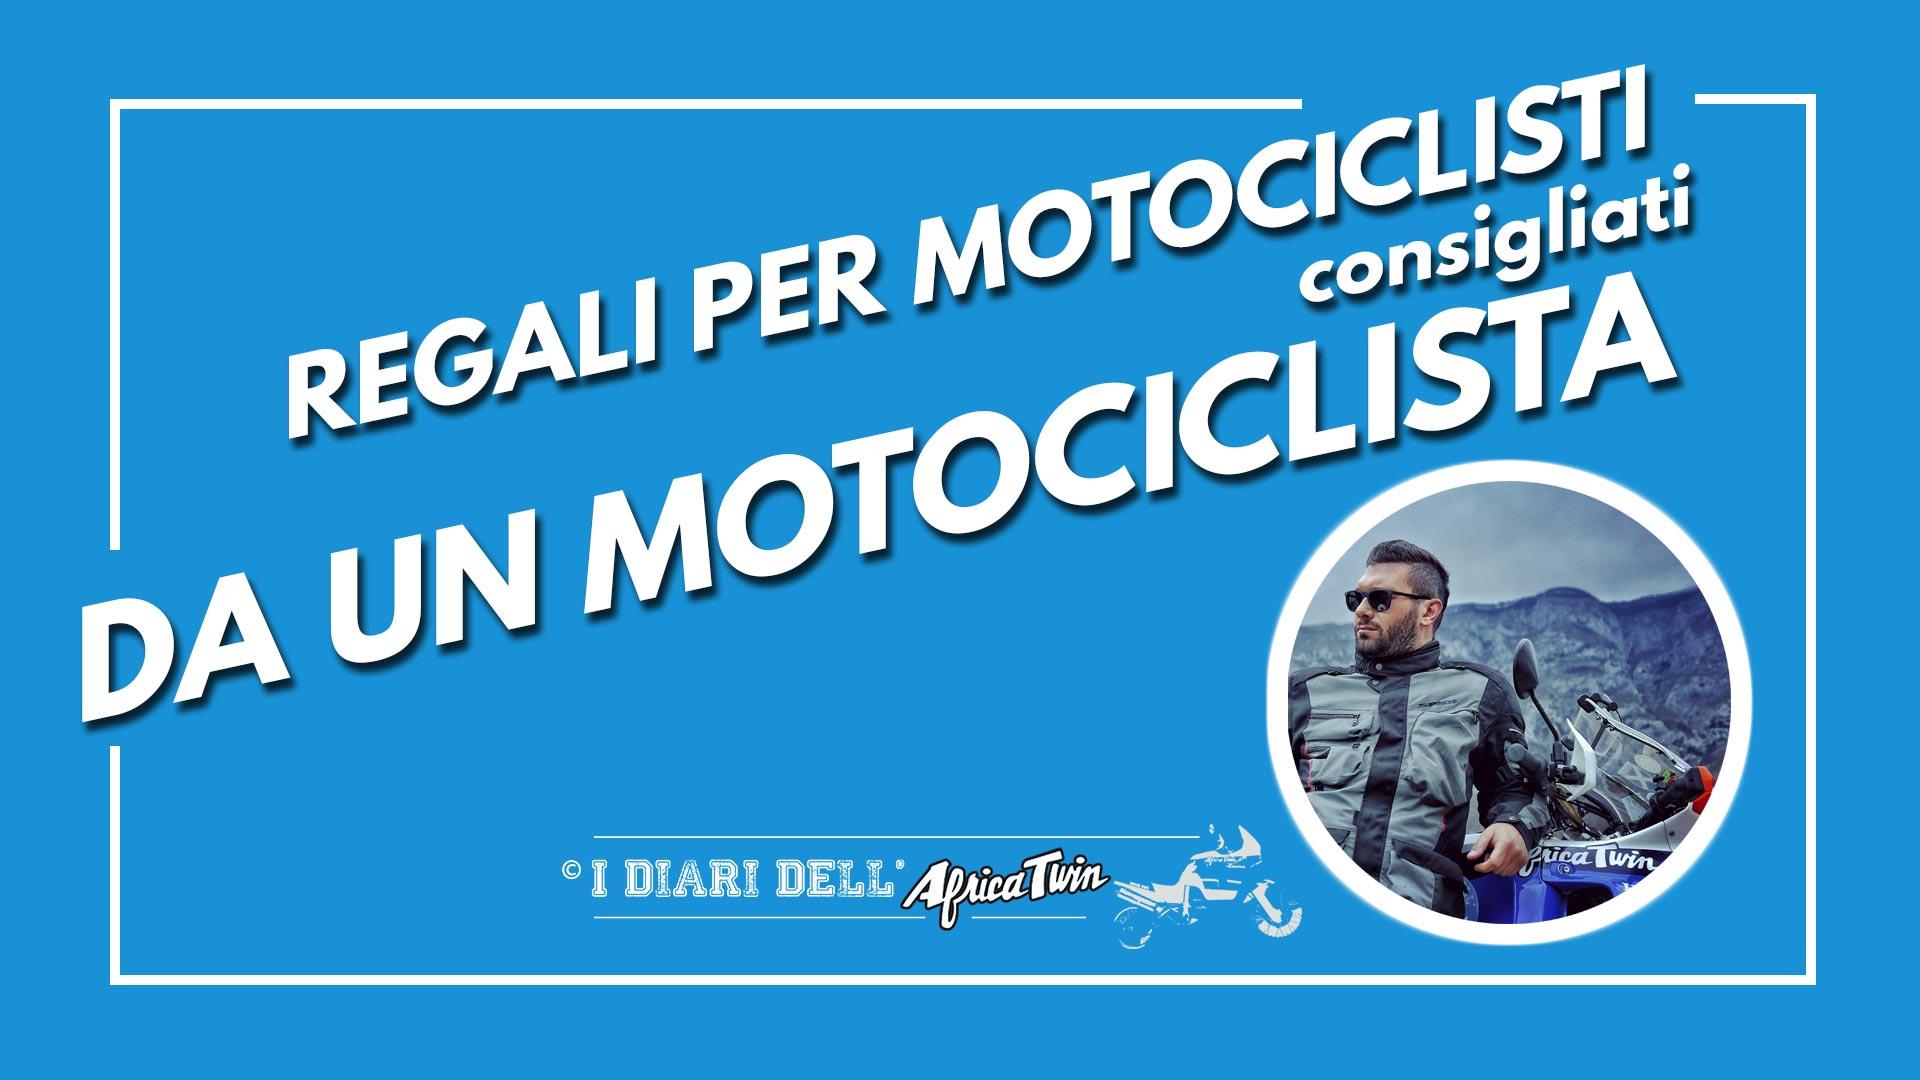 Regali-per-motociclisti-consigli-idee